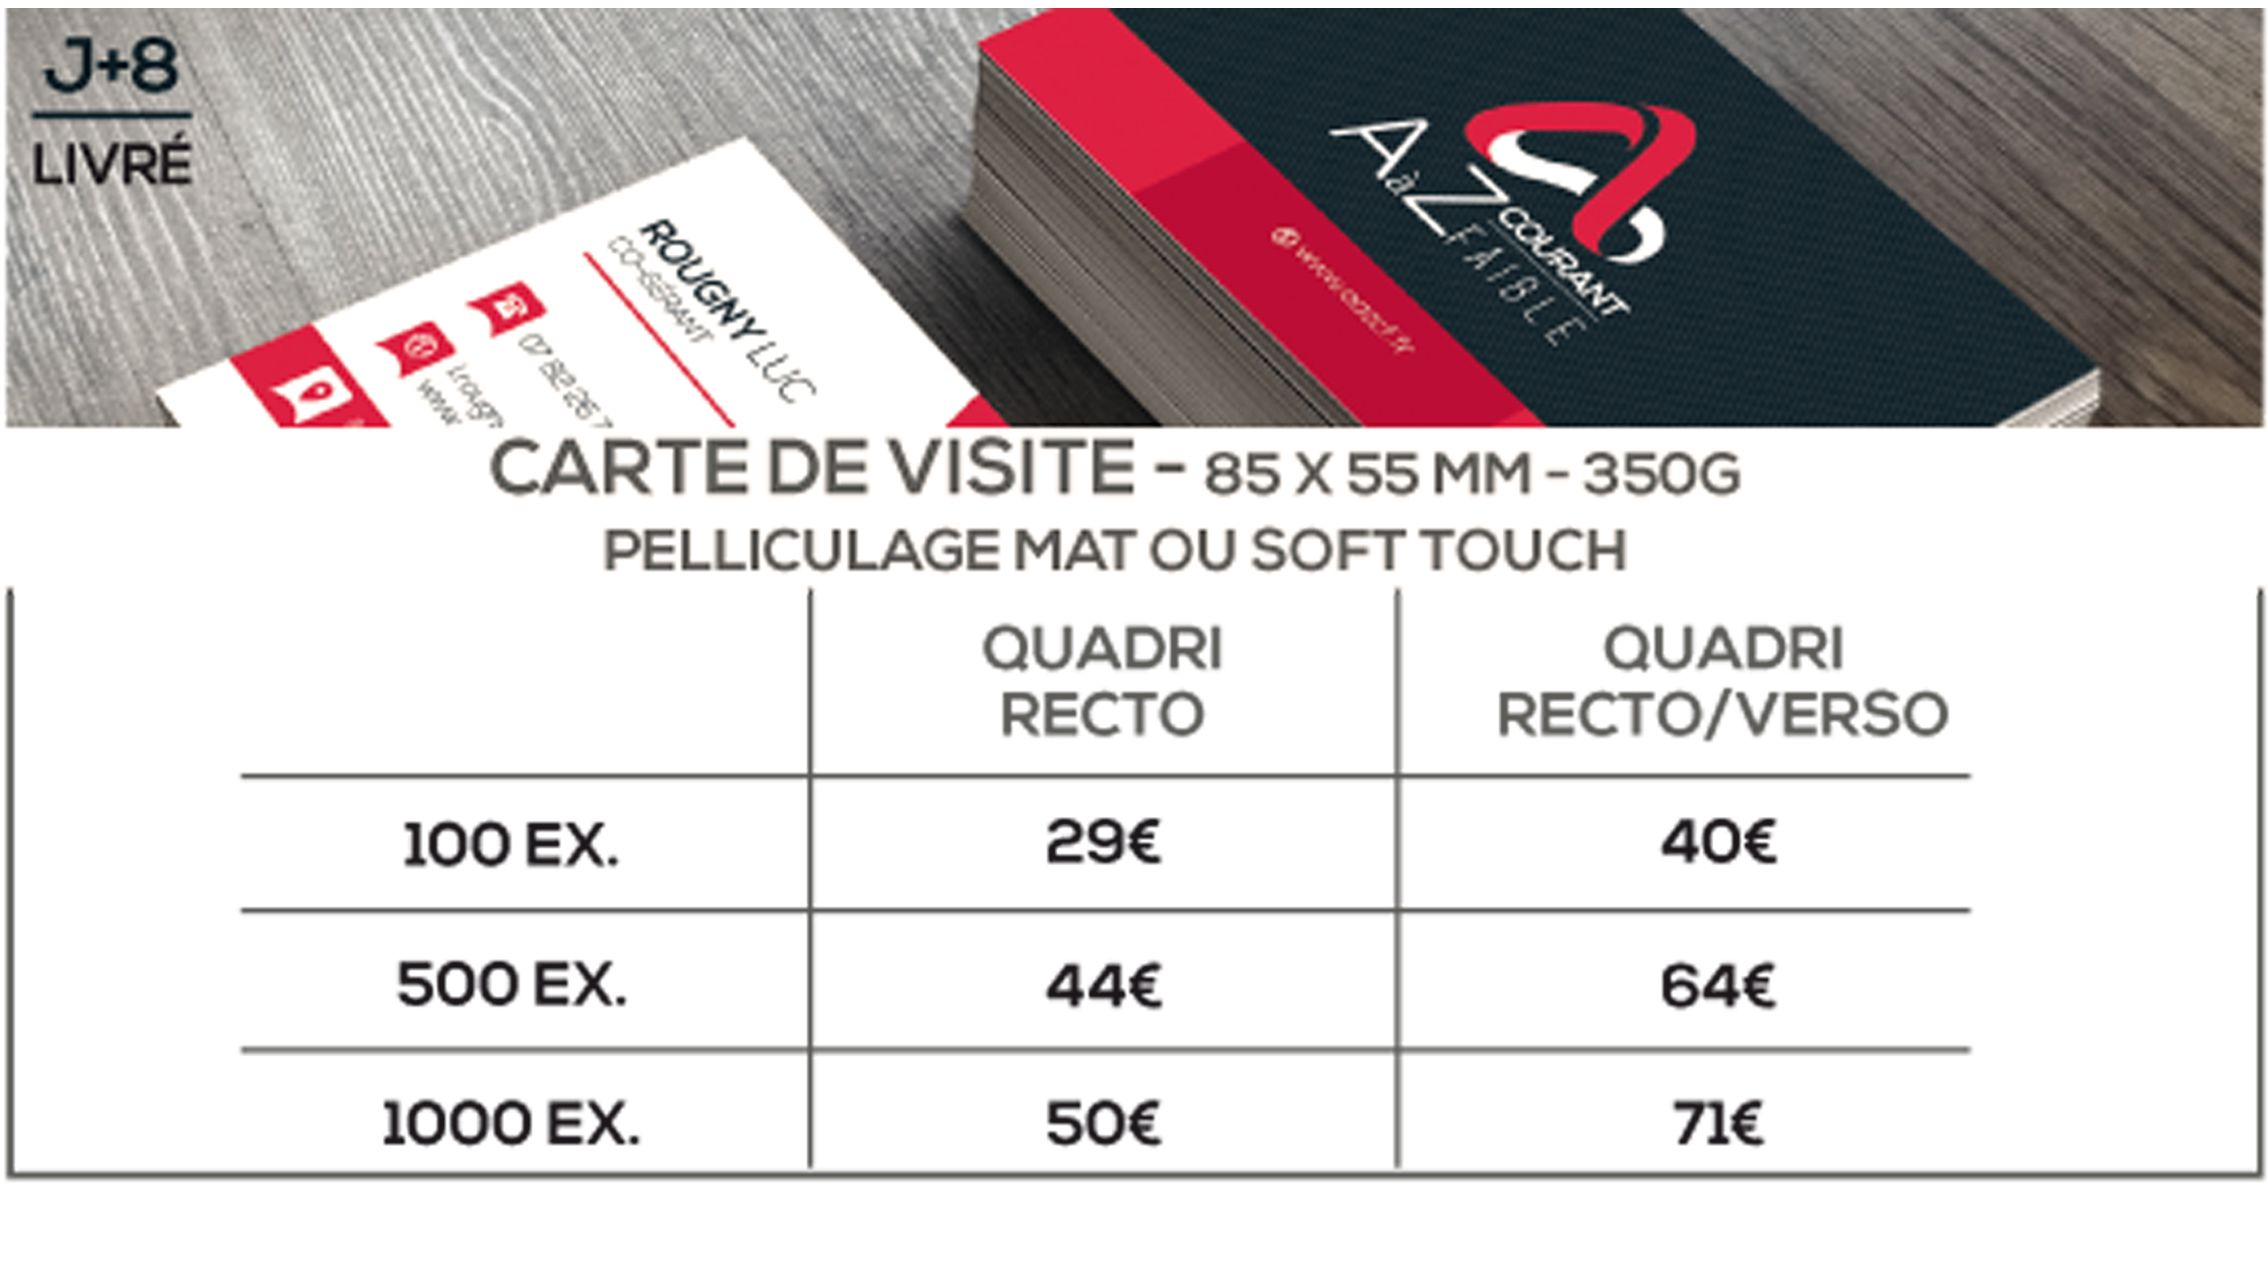 Prix Cartes De Visite Etapes Print